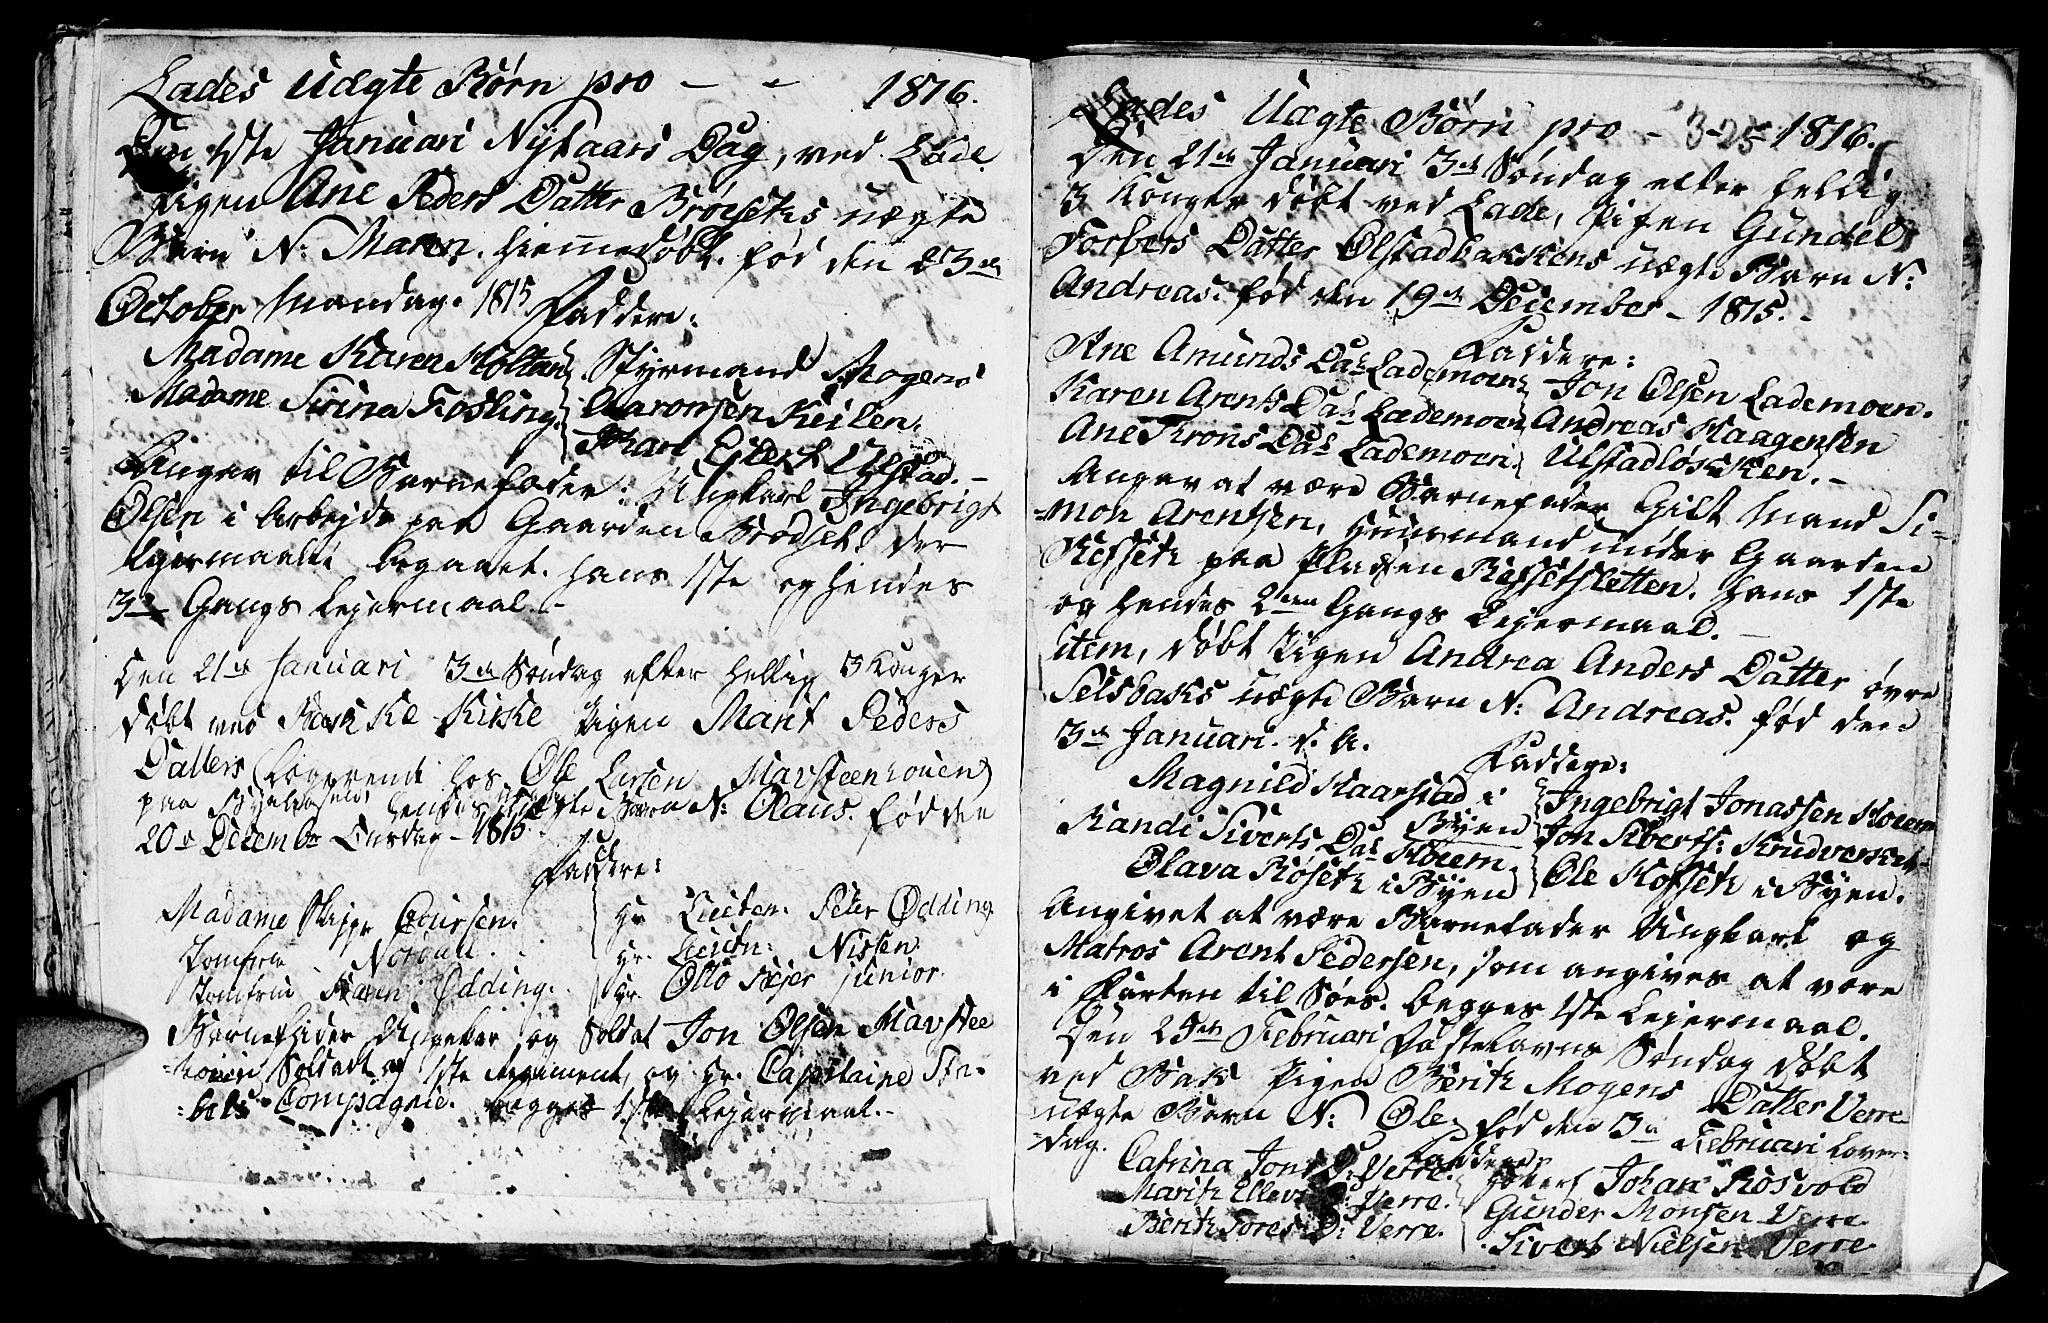 SAT, Ministerialprotokoller, klokkerbøker og fødselsregistre - Sør-Trøndelag, 606/L0305: Klokkerbok nr. 606C01, 1757-1819, s. 325